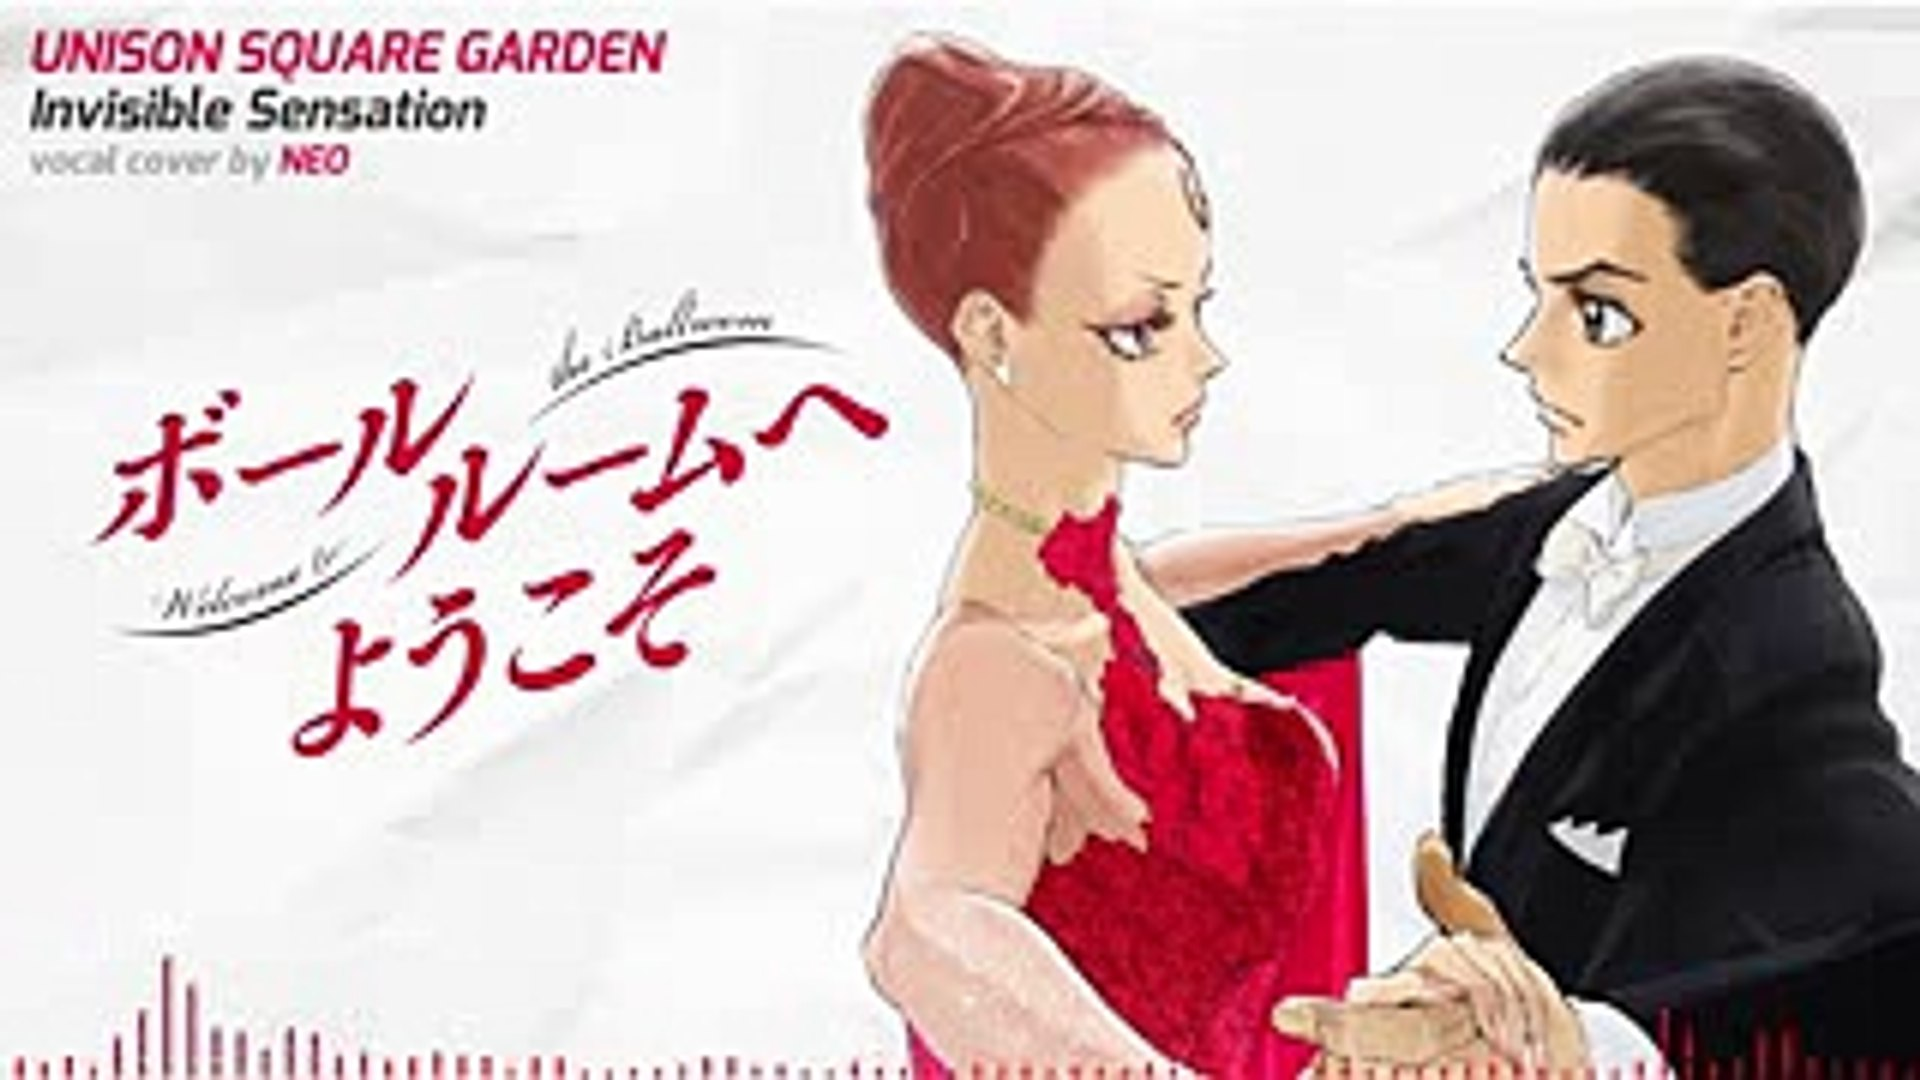 Vocal Cover Invisible Sensation Unison Square Garden ボール